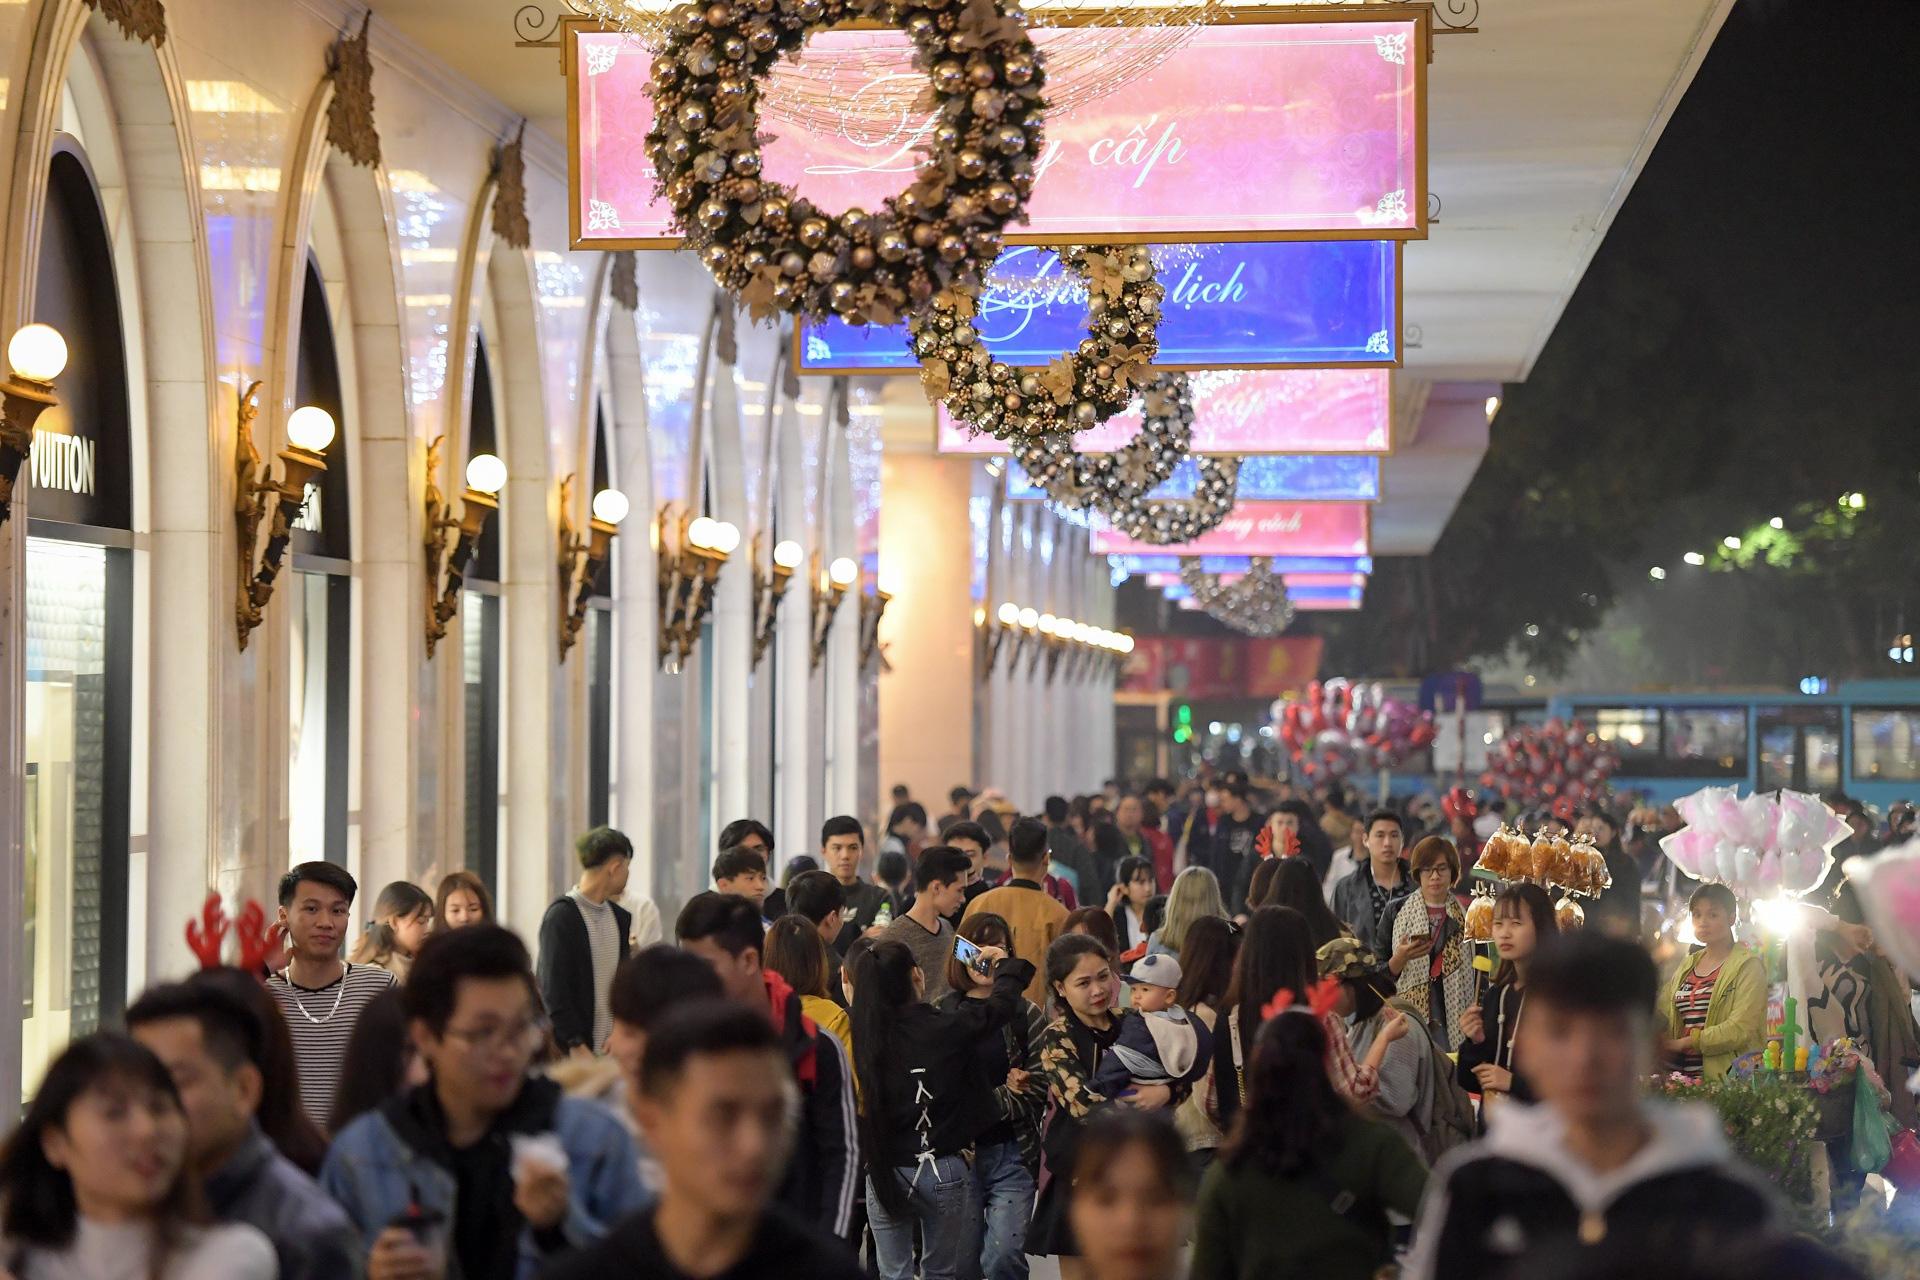 Hà Nội: Người dân đổ ra đường đón Giáng sinh, nhiều tuyến đường'tắc không lối thoát' - Ảnh 4.